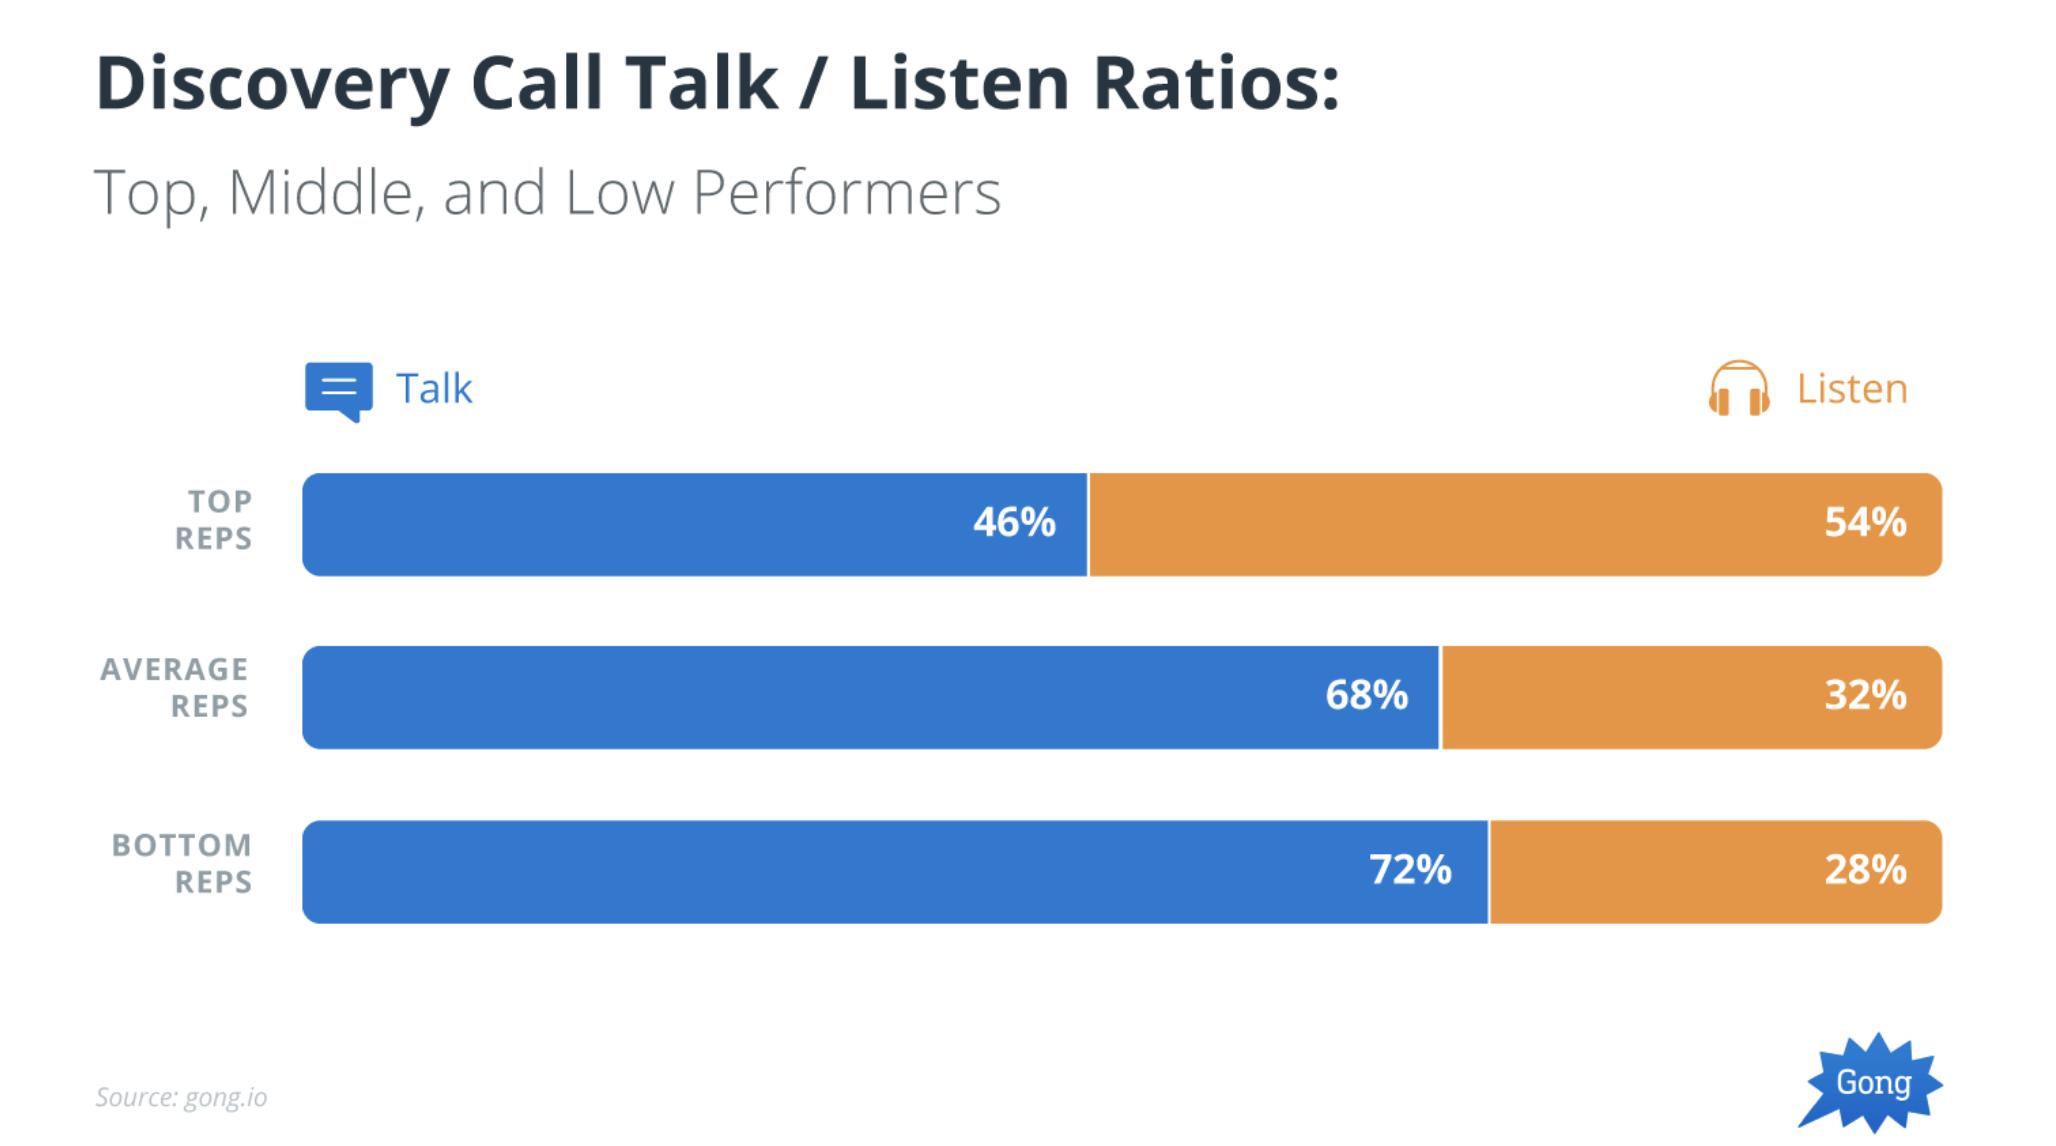 talk/listen ratio on a cold call